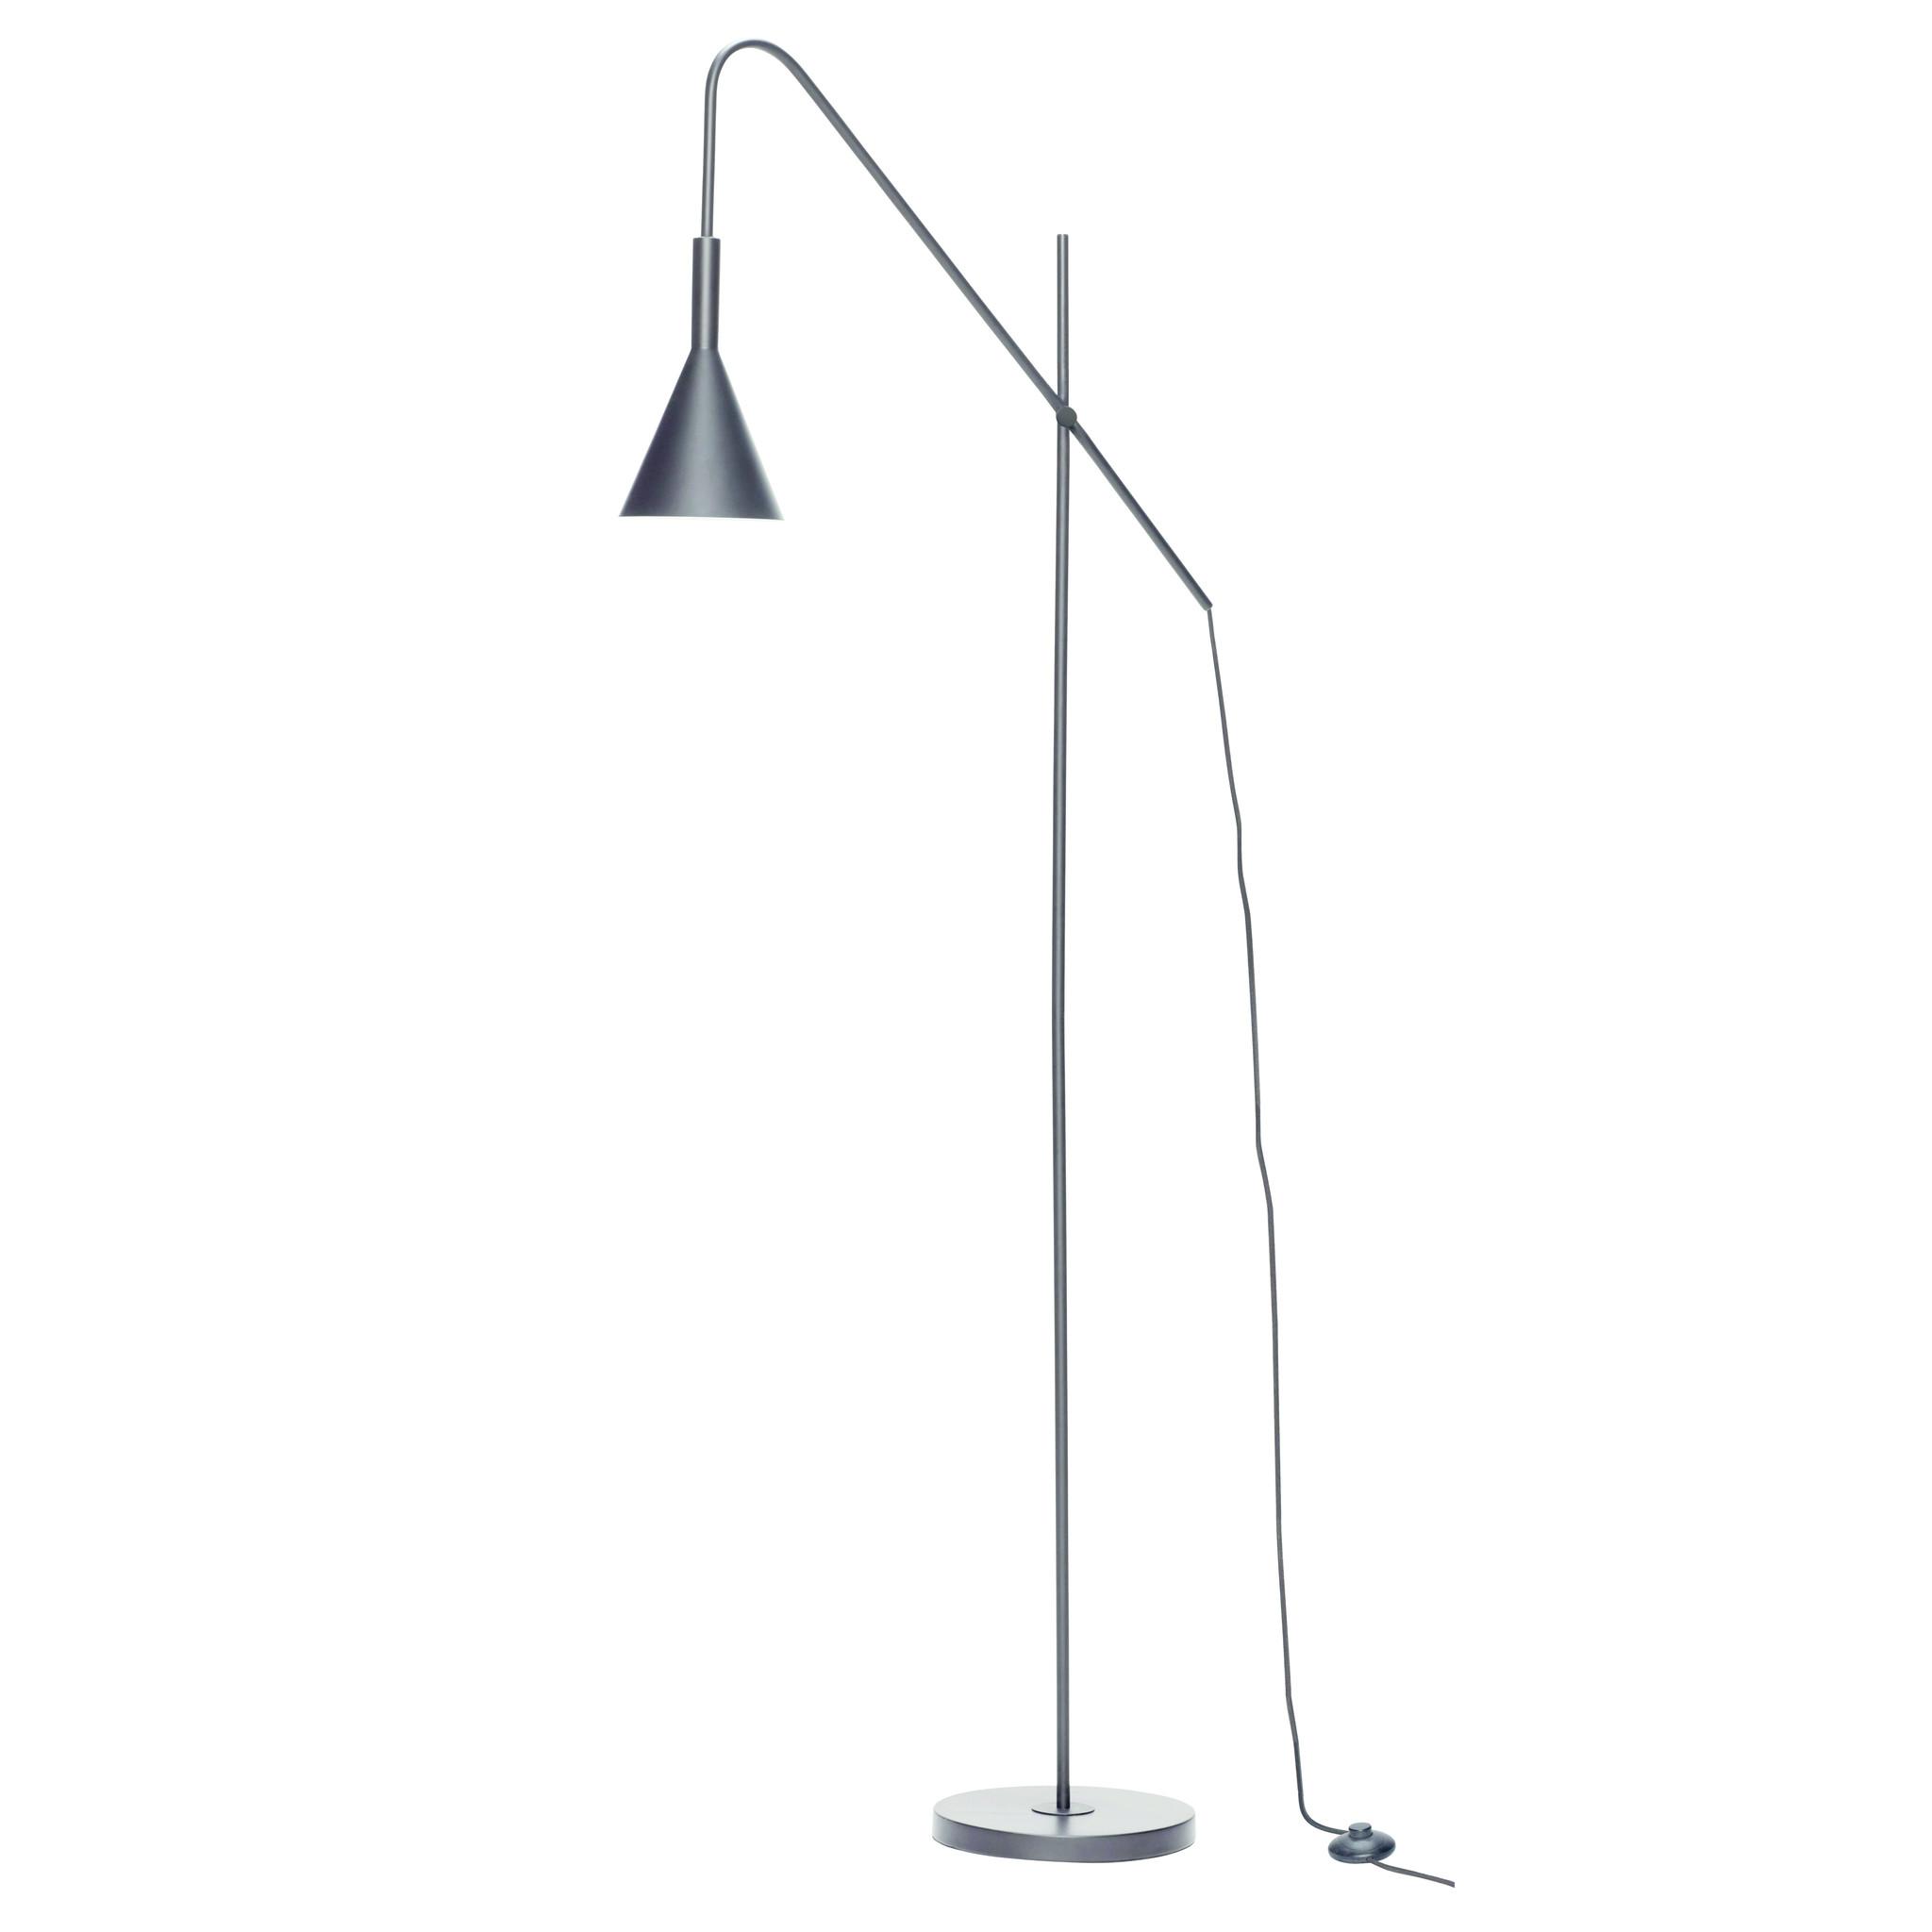 Hubsch Staande lamp, metaal, zwart-990928-5712772071335